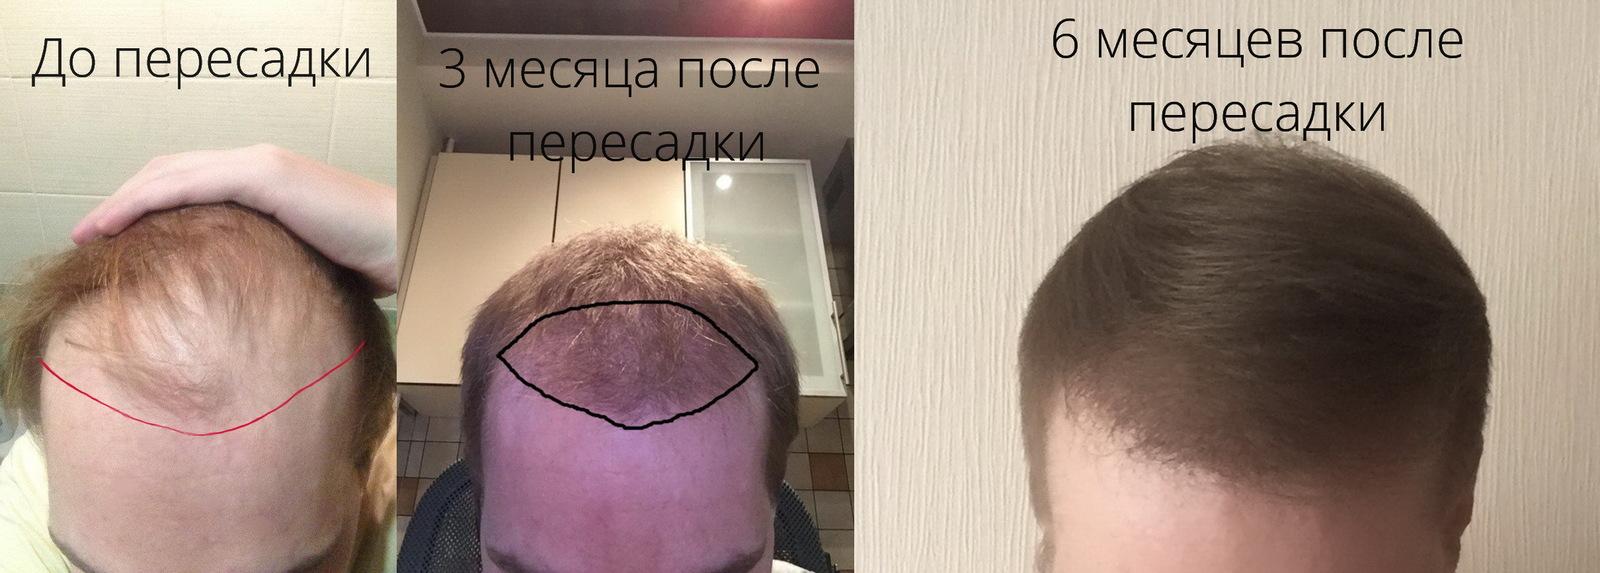 Сделать трансплантацию волос в